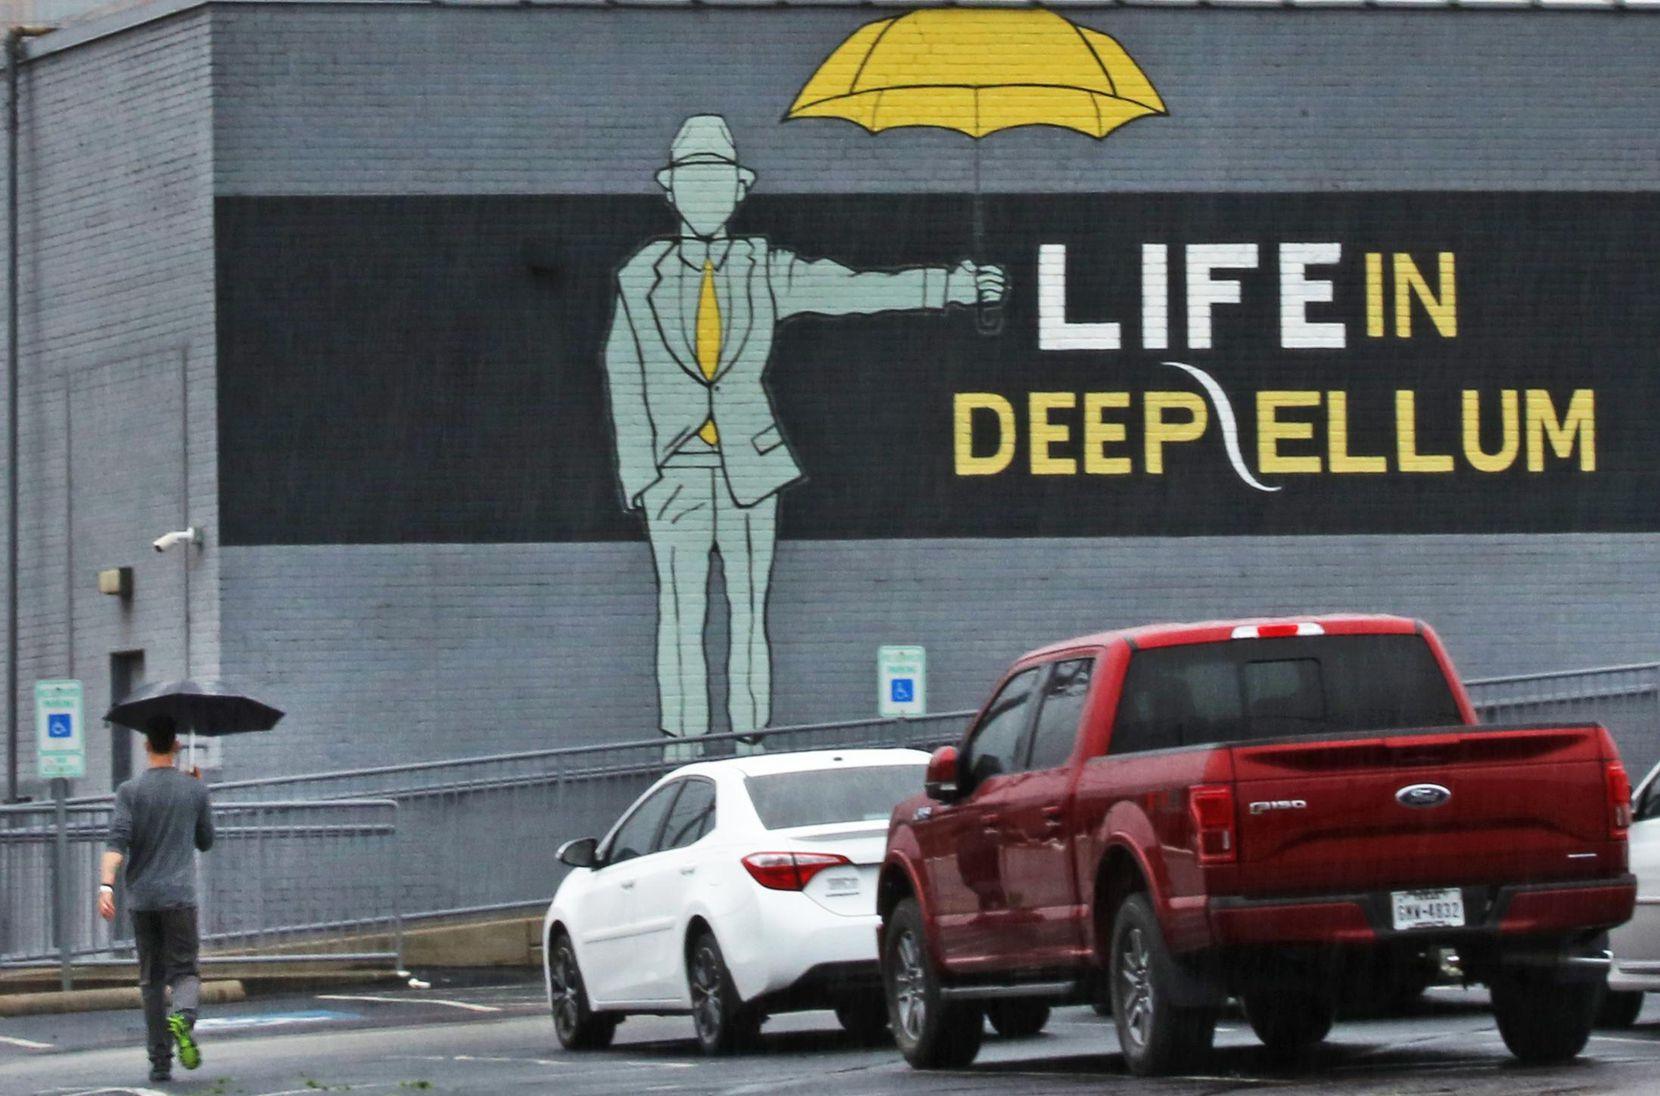 Con el auge de Deep Ellum, vienen cambios como más edificios de apartamentos, pero muchos temen que se convierta en otro Uptown. SMILEY POOL/DMN